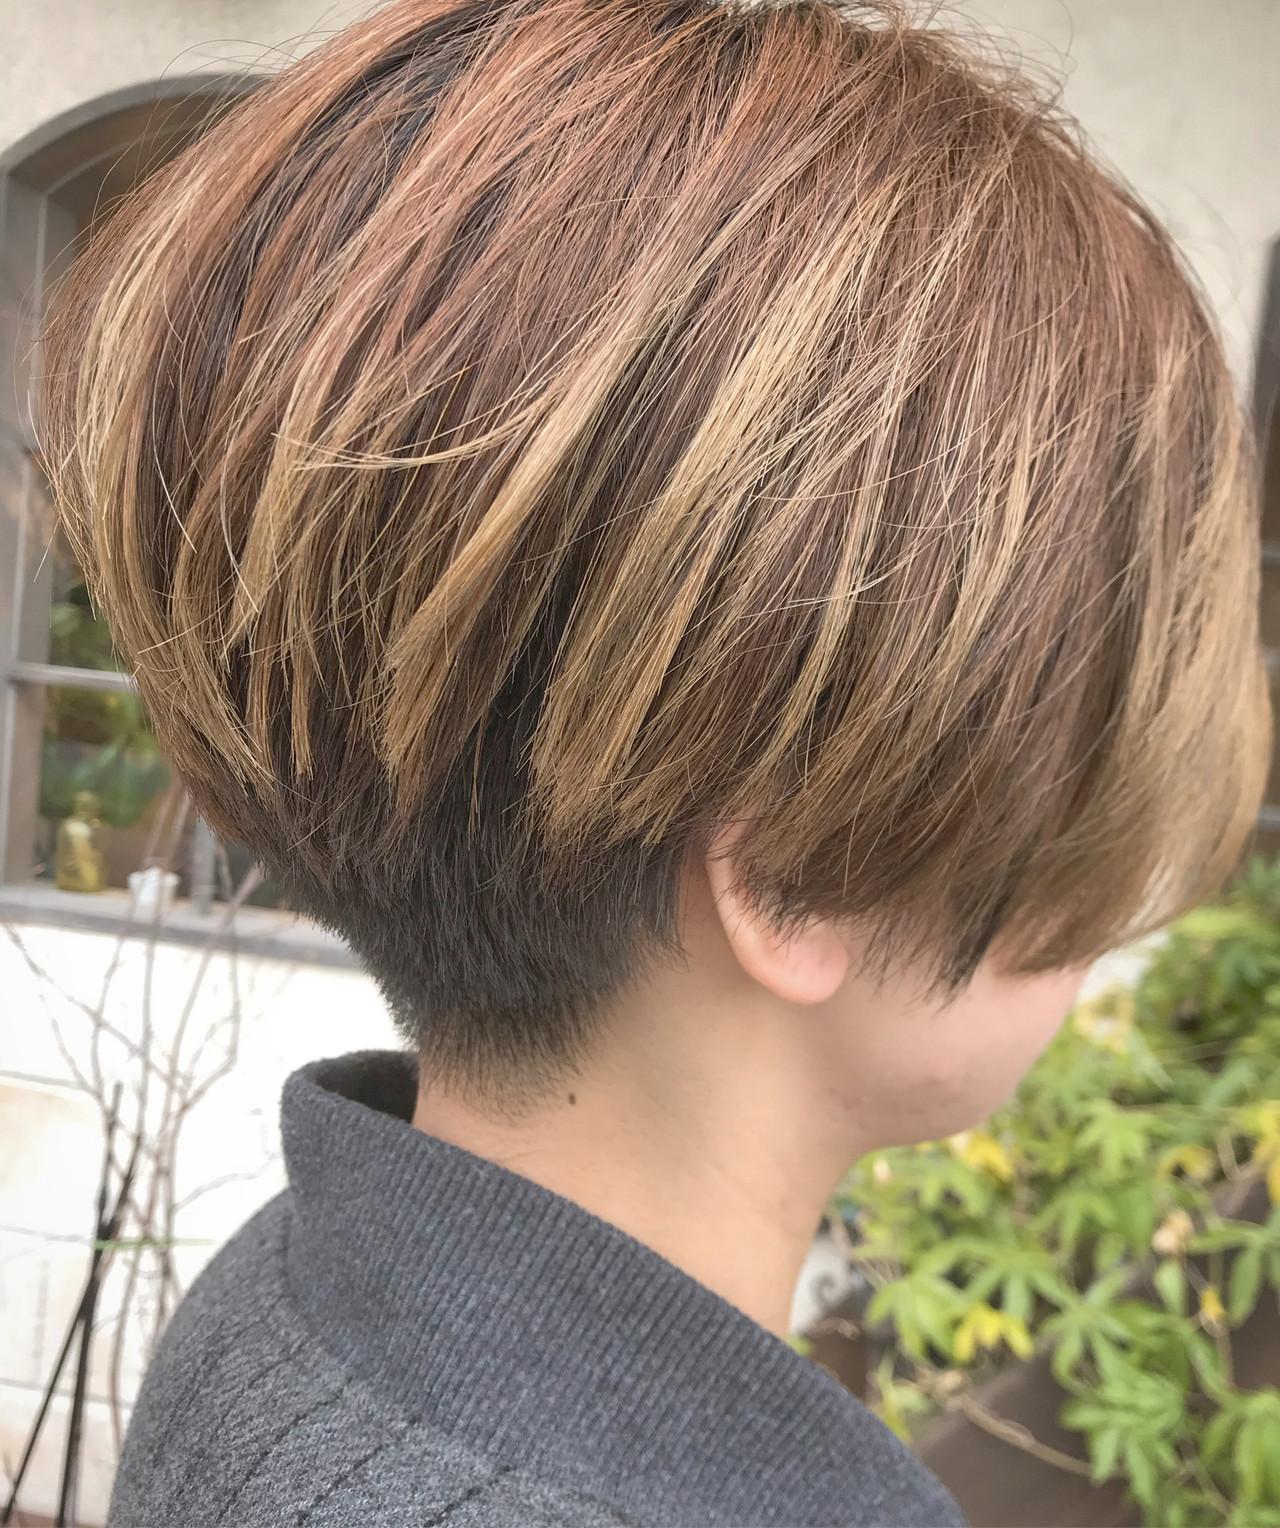 モード ショートマッシュ 刈り上げ女子 ショート ヘアスタイルや髪型の写真・画像 | Nakamura Mari / rocca